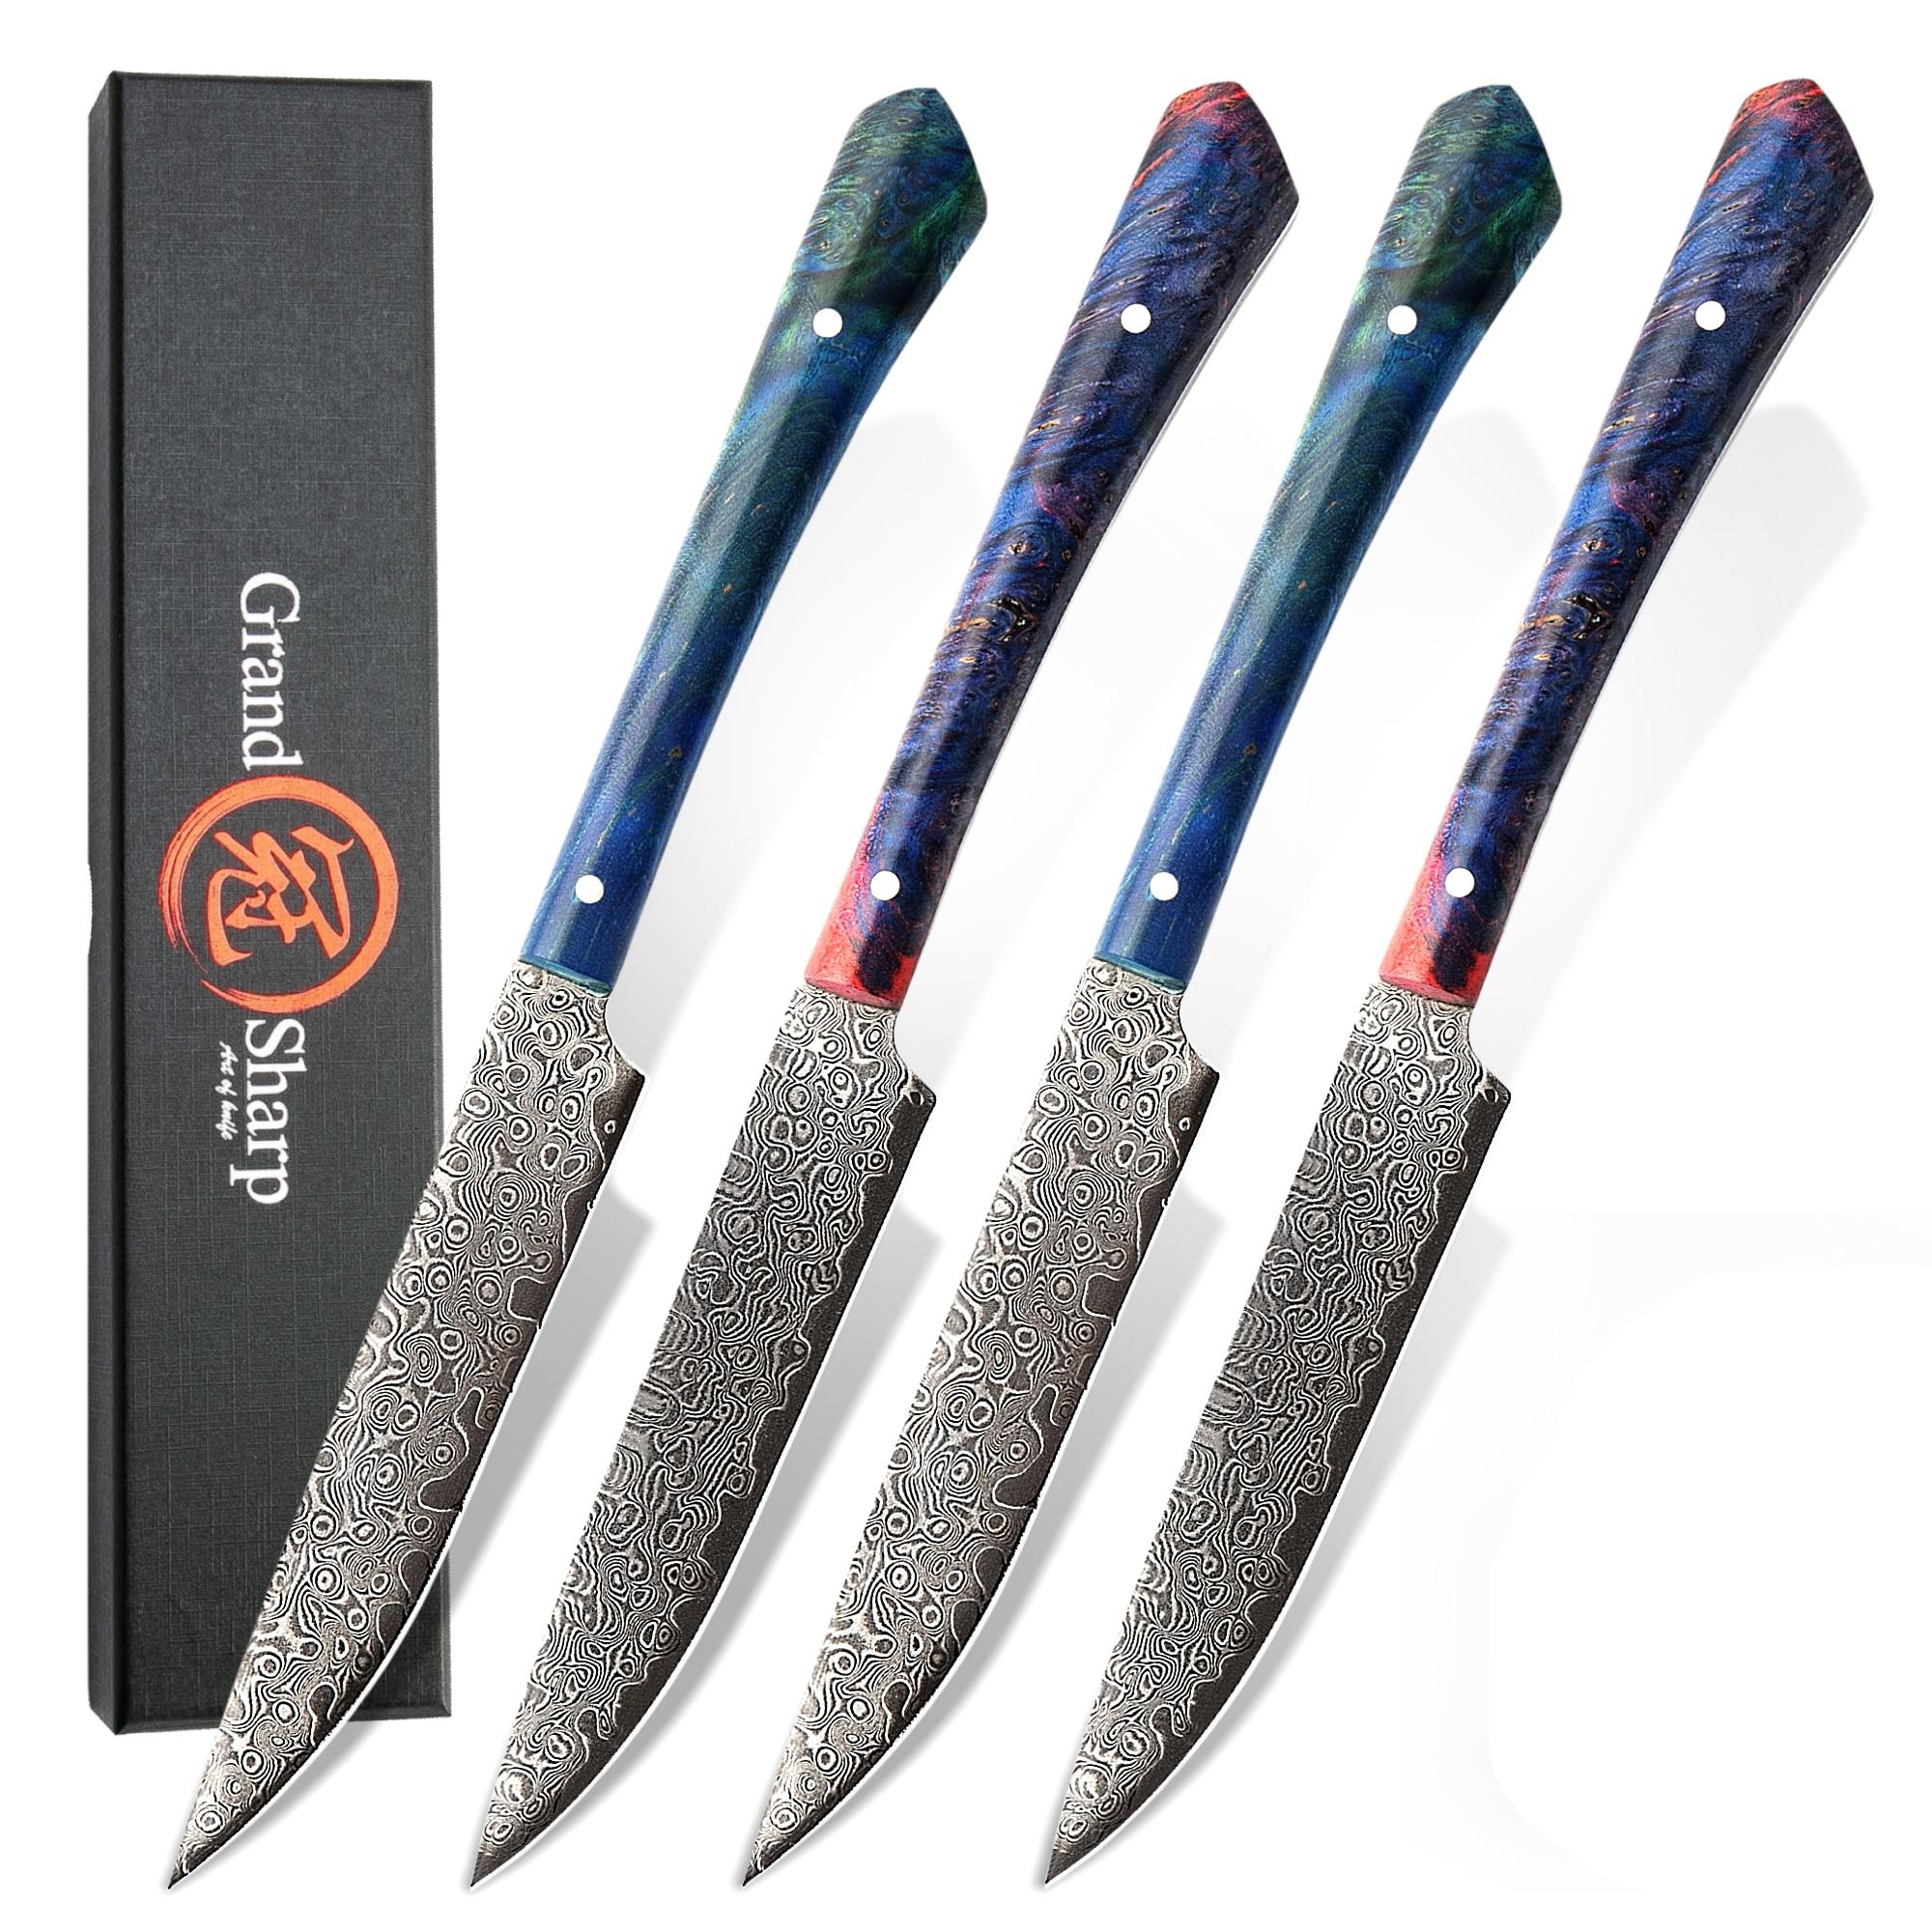 غراندشارب دمشق طاقم سكين لتقطيع شرائح اللحم vg10 اليابانية دمشق سكاكين المطبخ الأسرة هدية أدوات المائدة تجهيزات المطابخ أدوات الطبخ